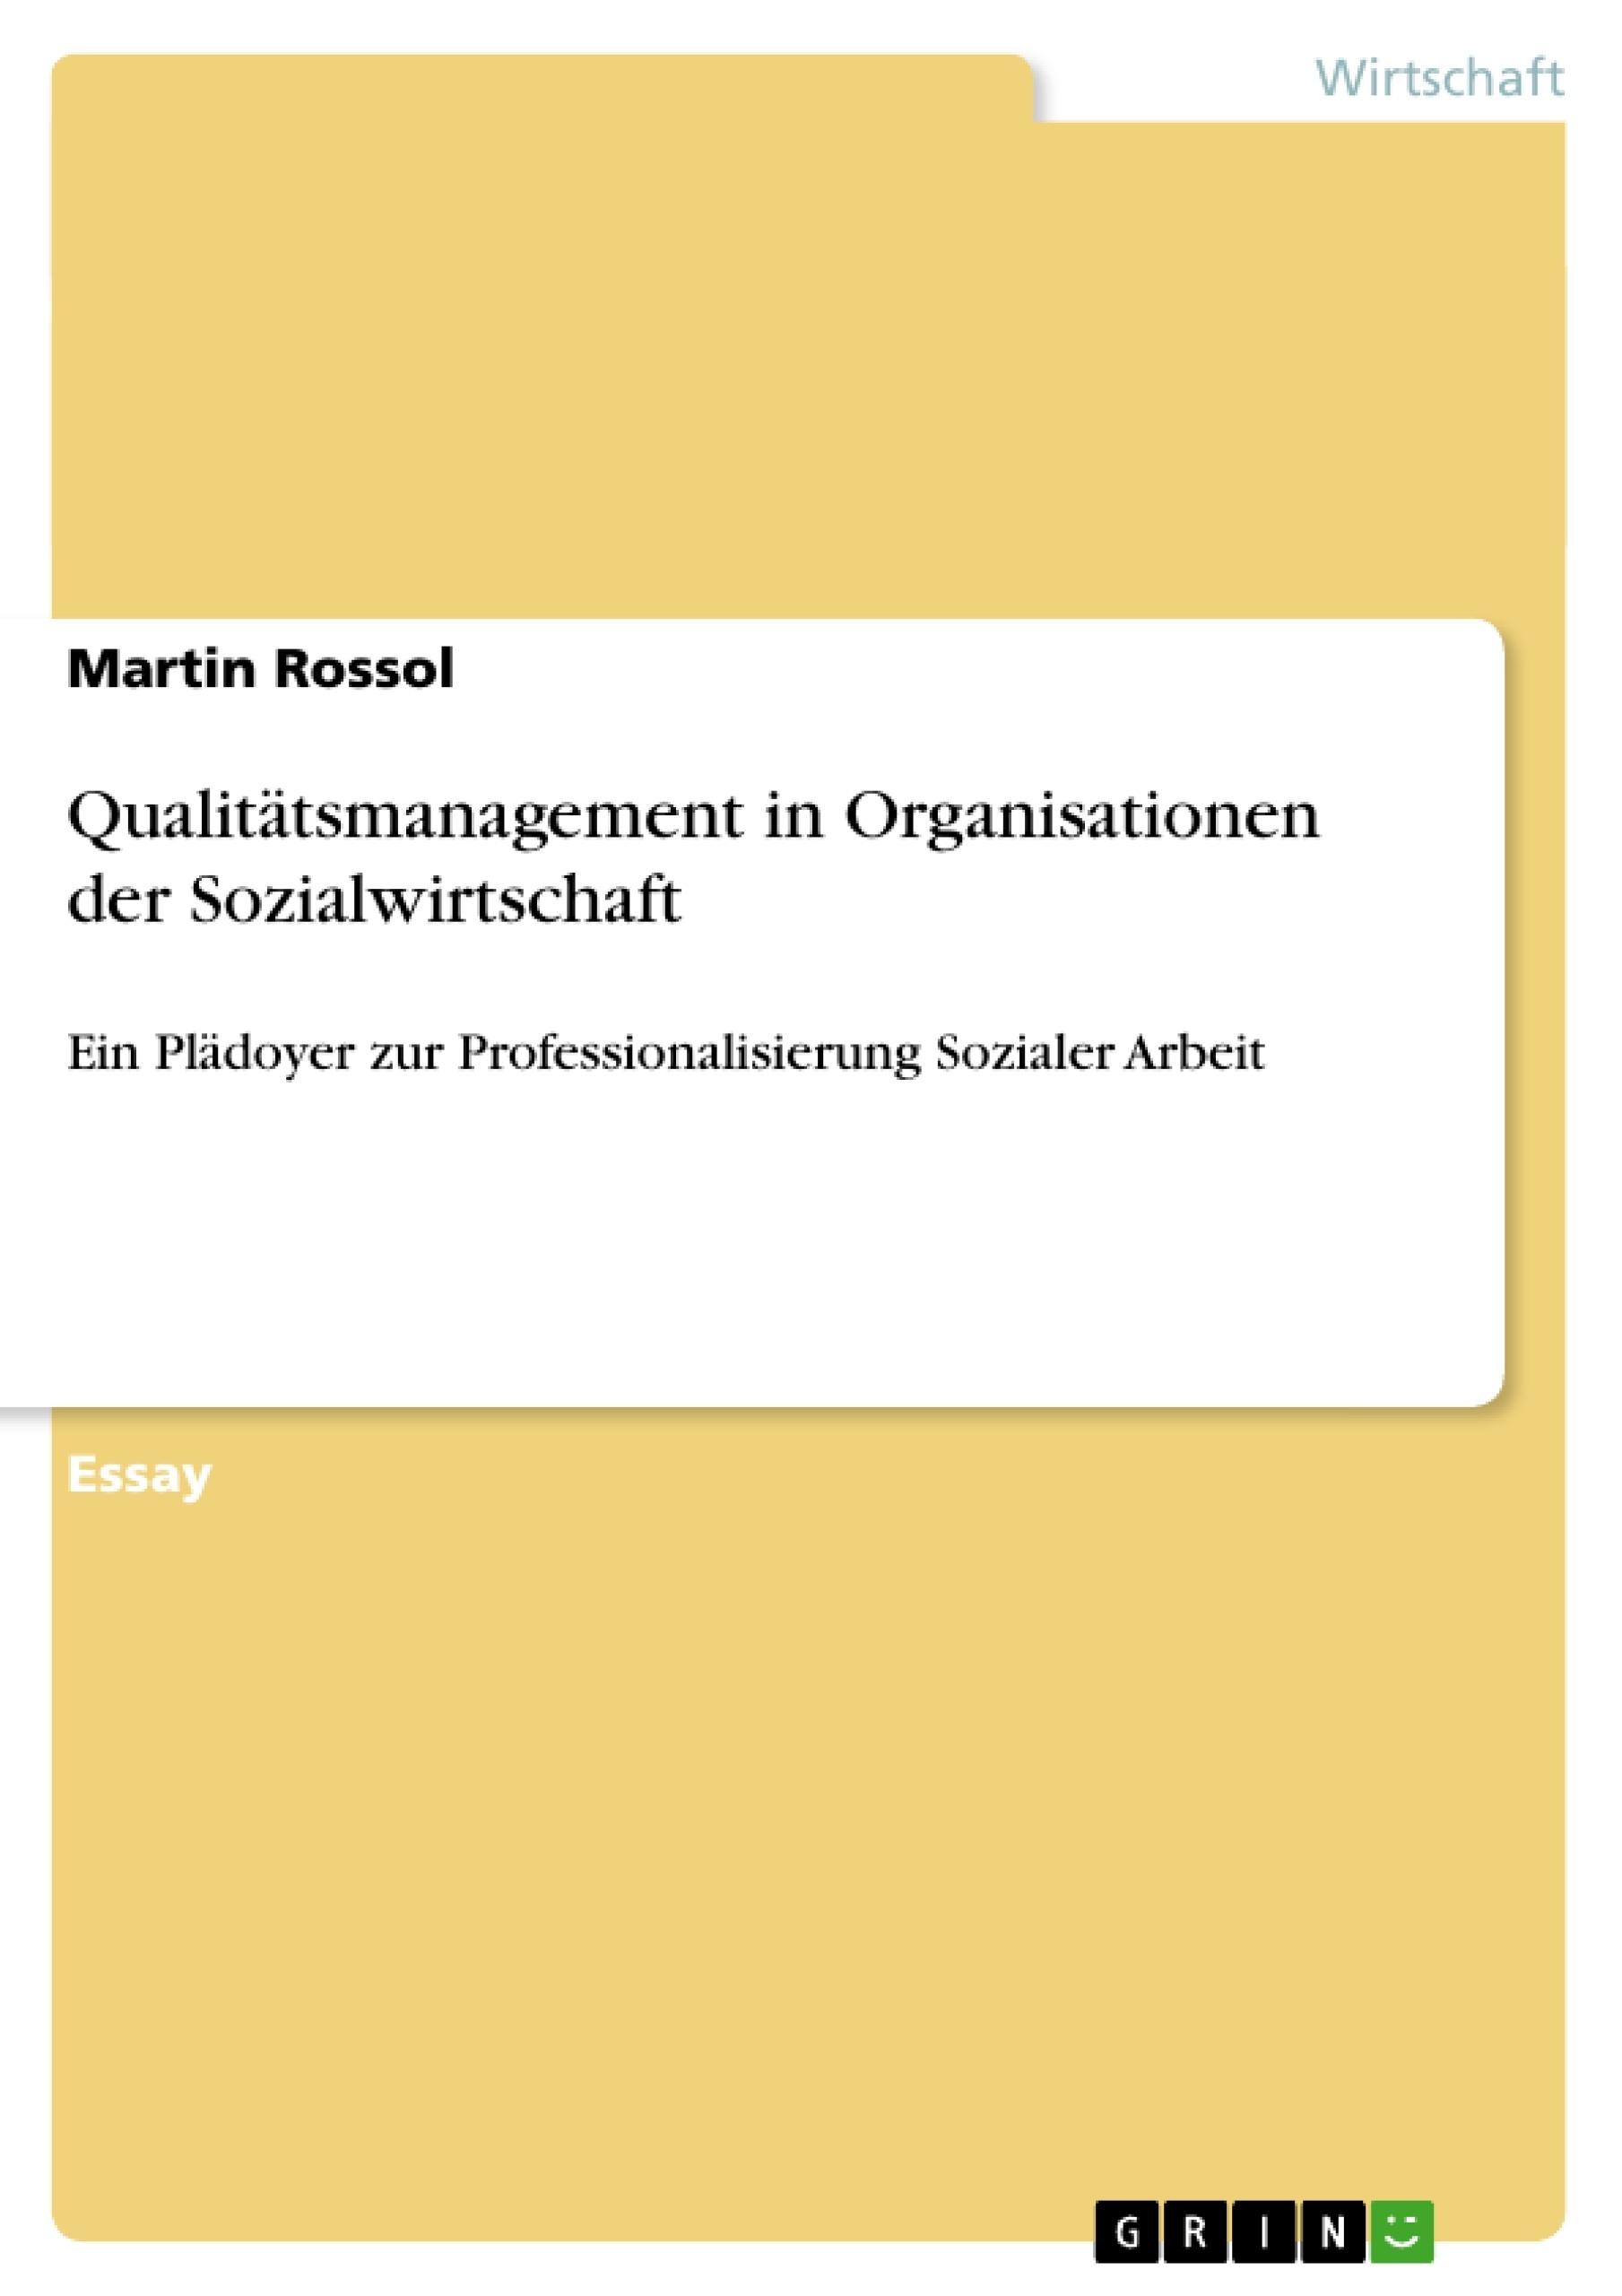 Titel: Qualitätsmanagement in Organisationen der Sozialwirtschaft